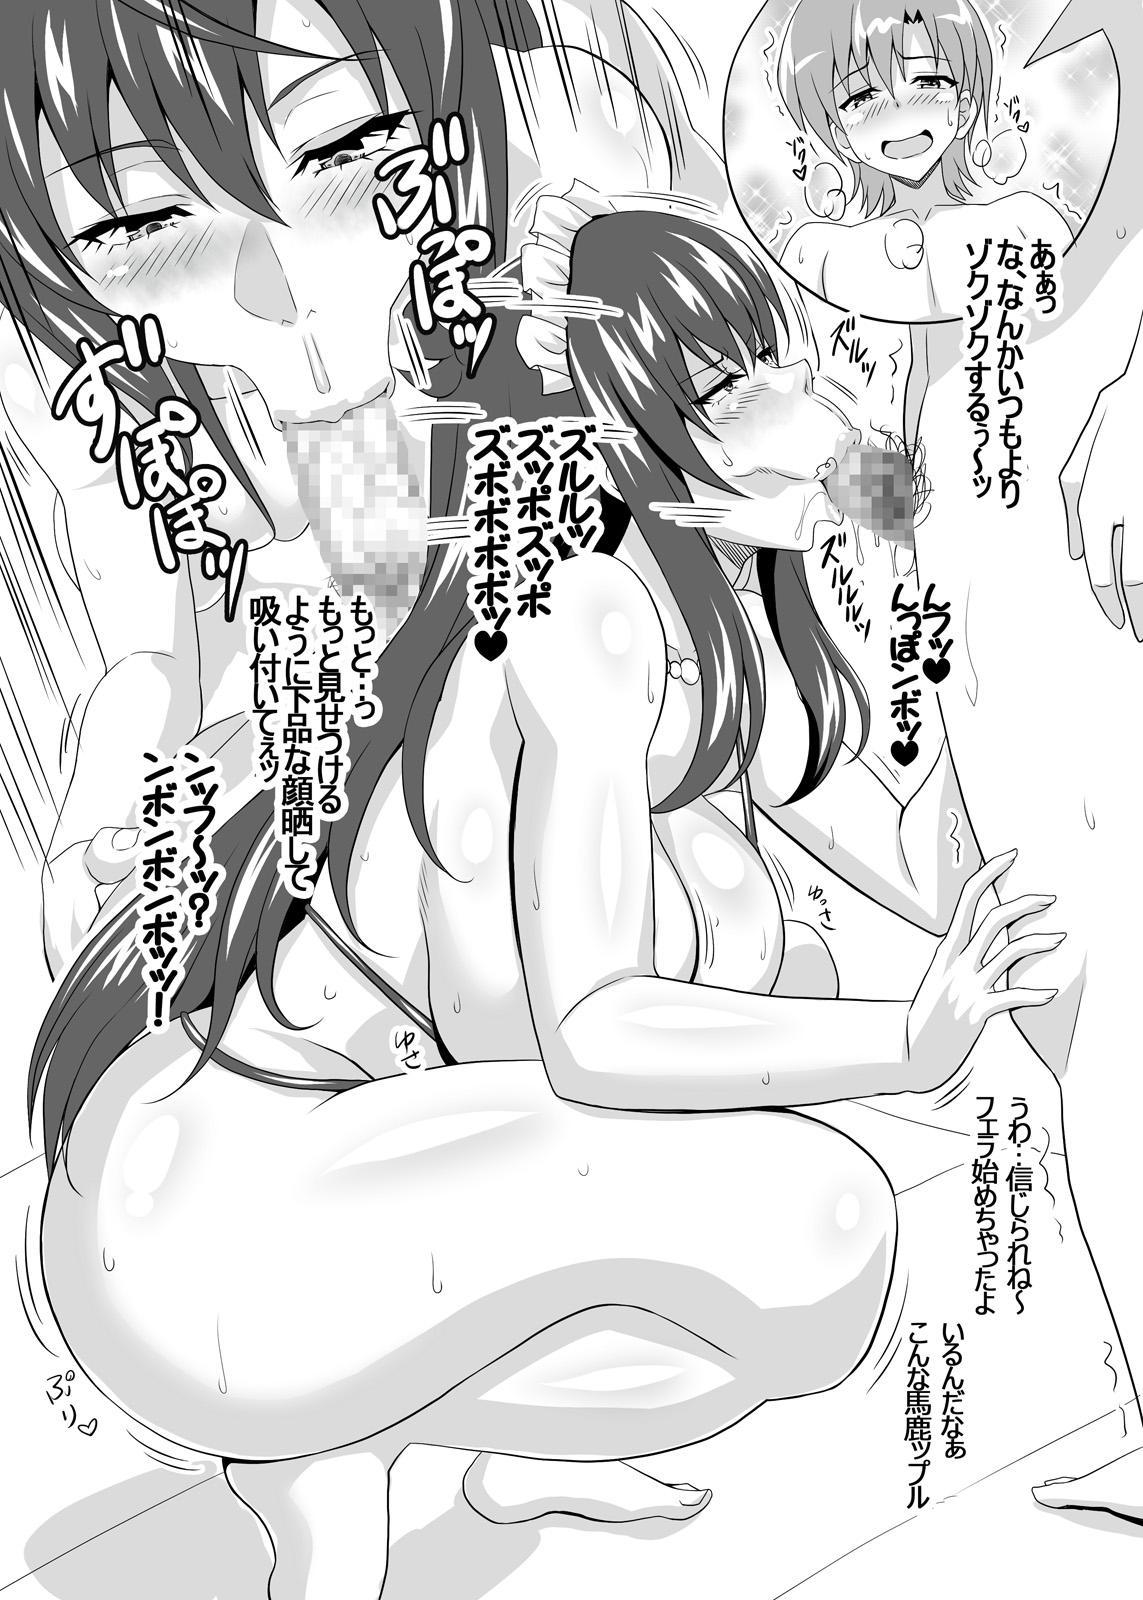 Boku dake no Bakunyuu Ona-maid Manatsu no Short Vacation Yuna Hen 4